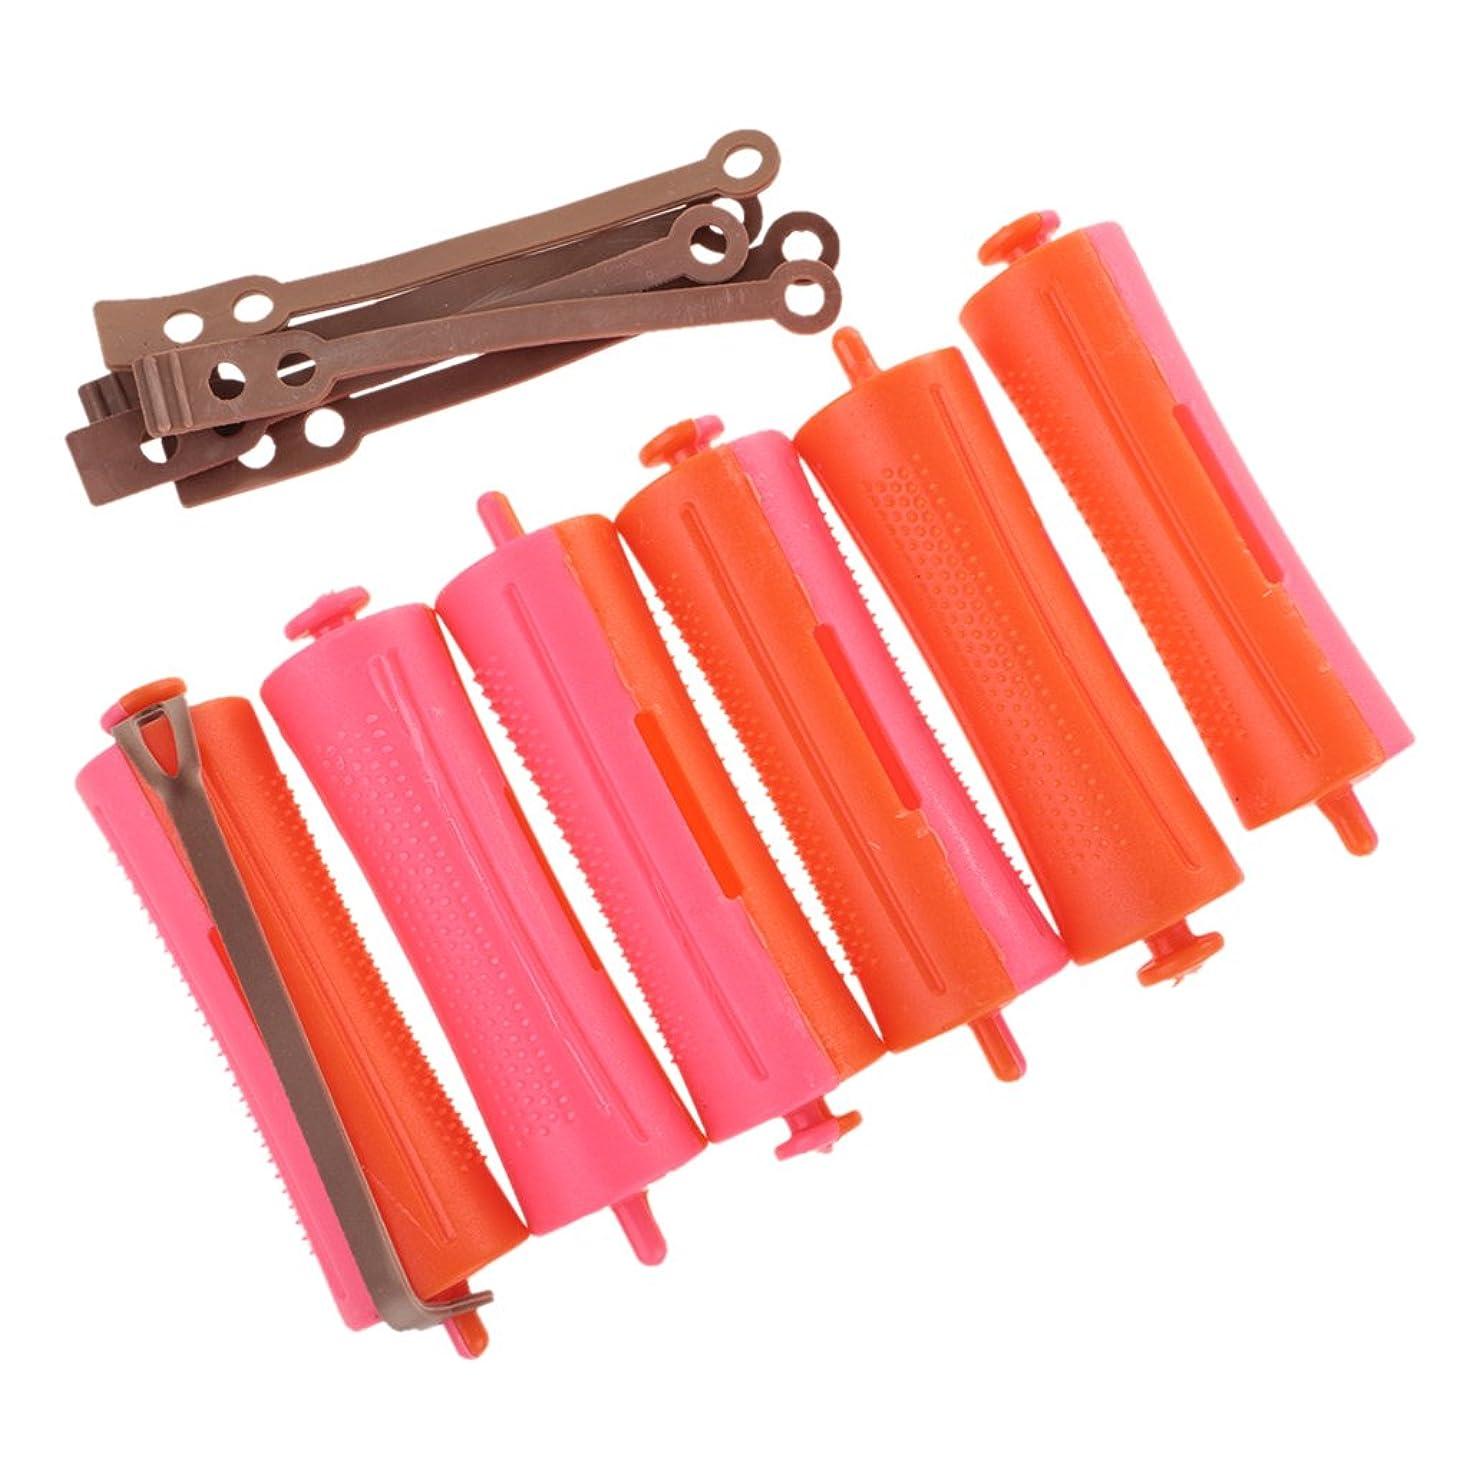 挑発する大腿賠償Kesoto ヘアカーラー ファッション ヘアローラー サロン 美容スタイリングツール オレンジ+ピンク 12ピース 2.4x9 Cm